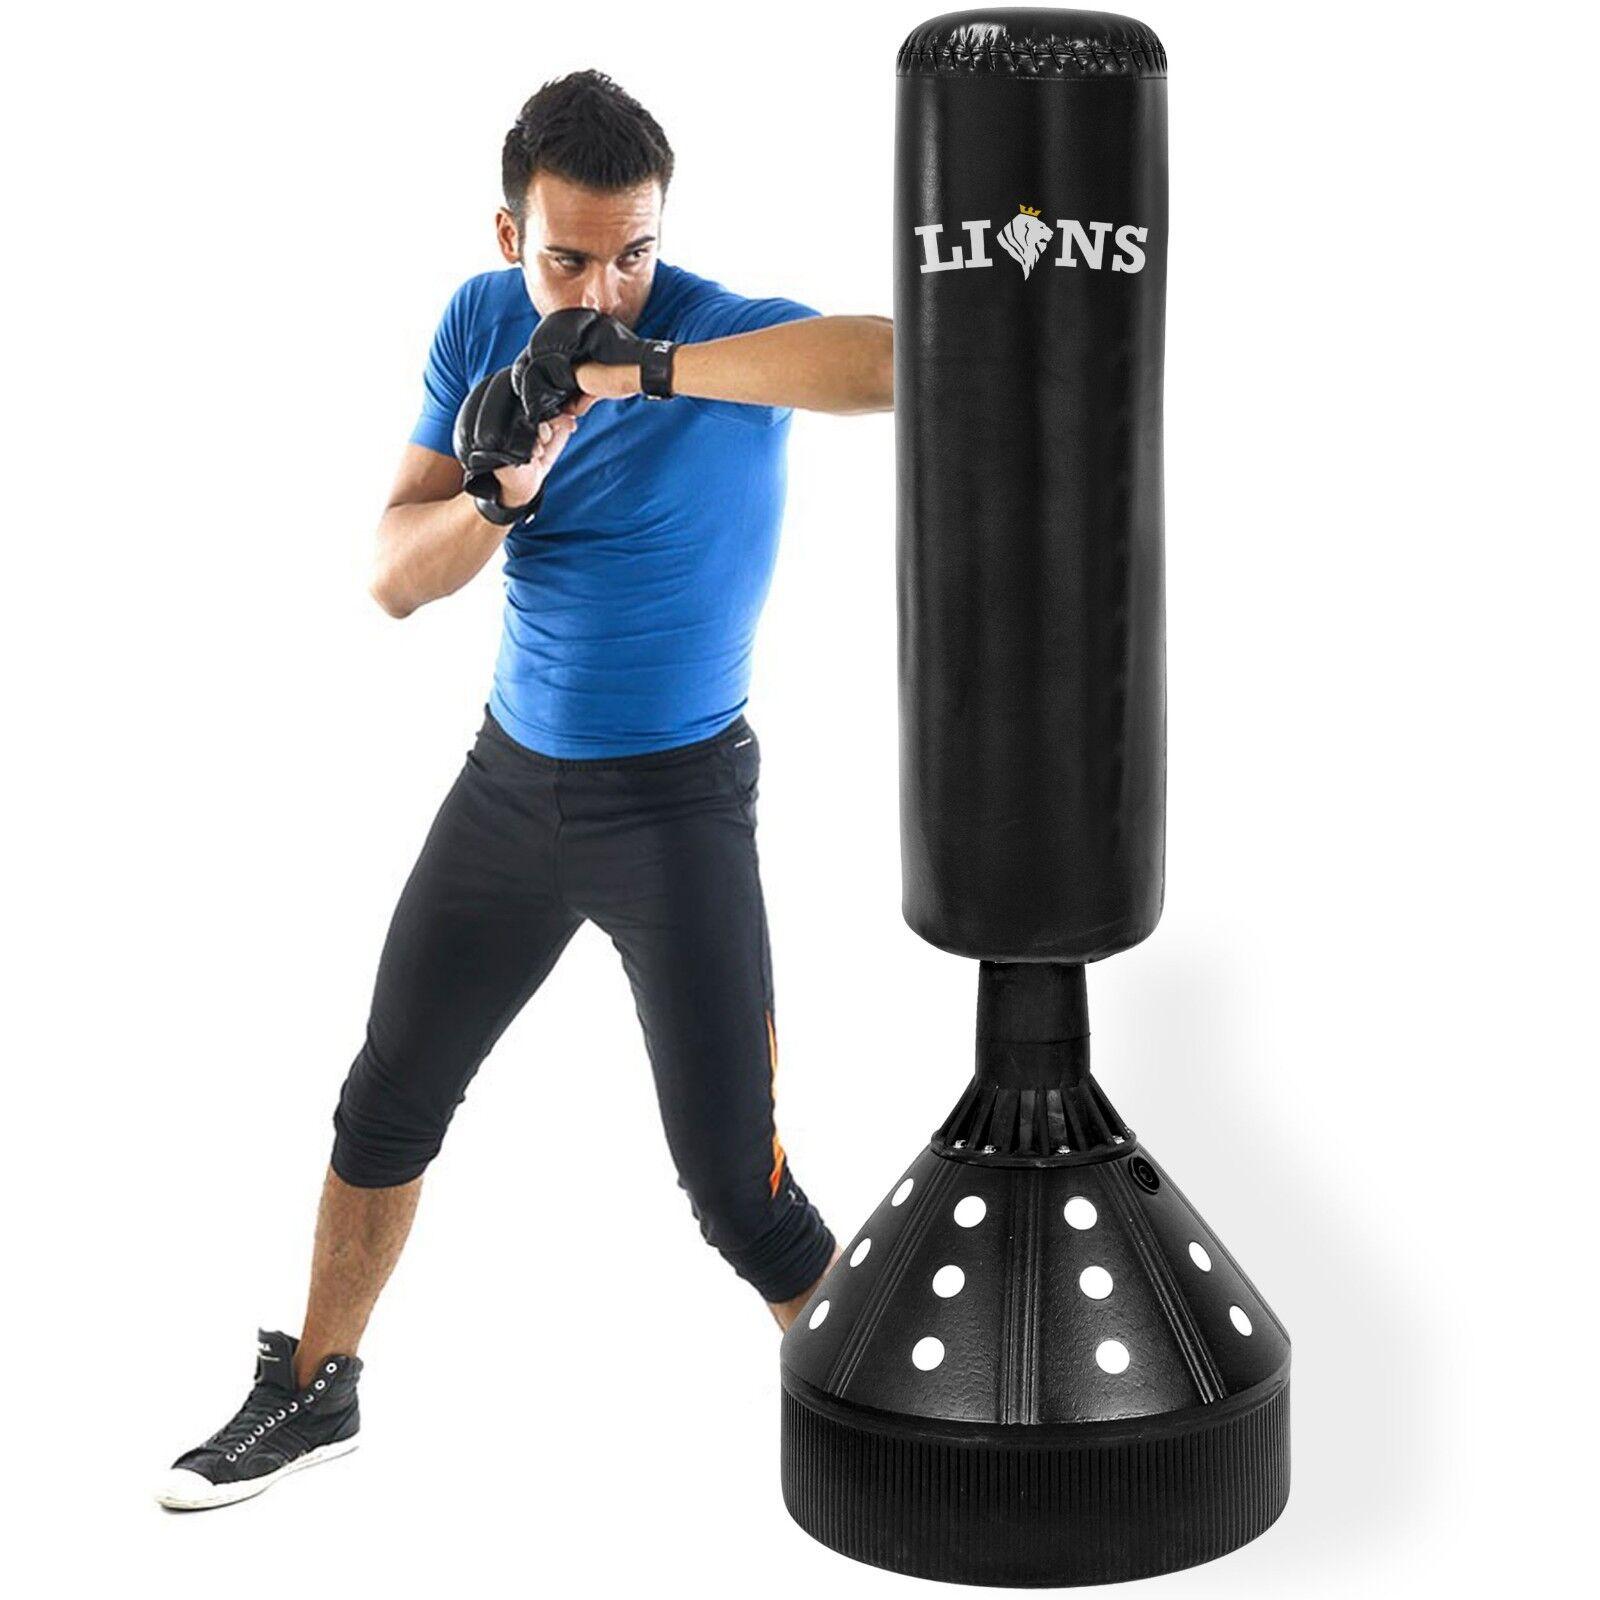 Boxen Freistehend 6ft 6ft 6ft Boxsack Ständer Mma Schlagen Trainingshandschuhe Kickboxen 436ef5